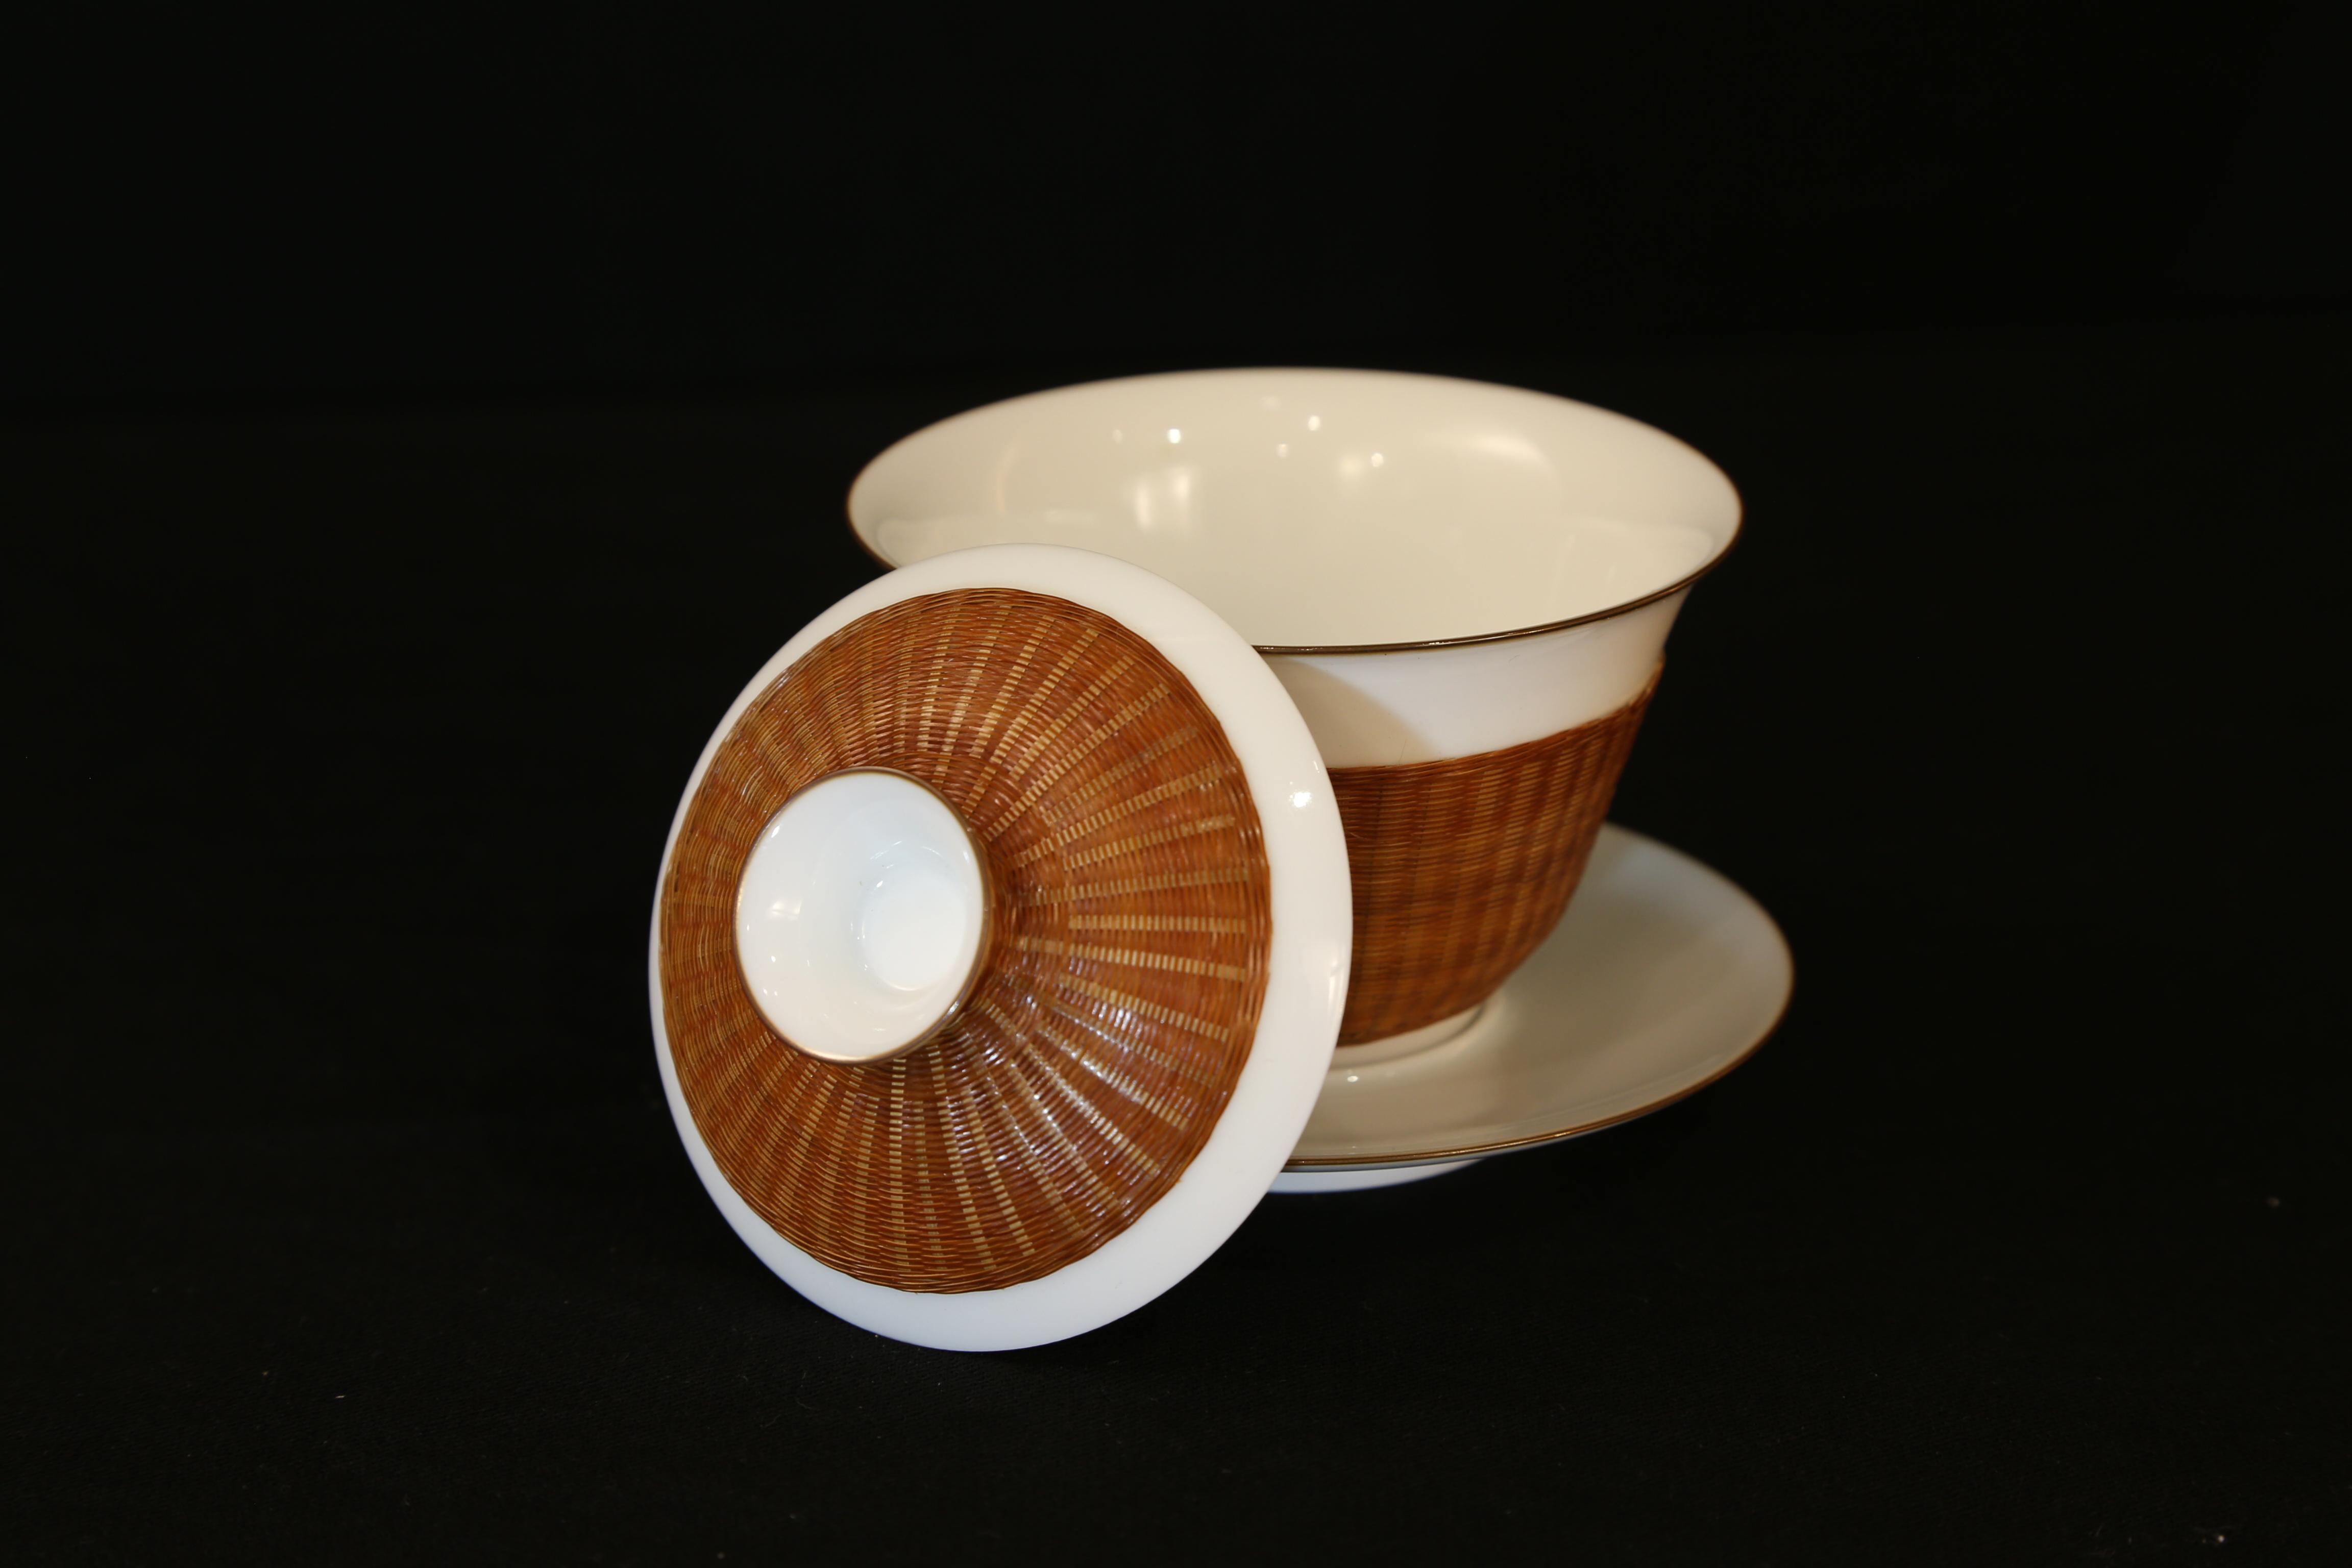 瓷胎竹编之盖碗组合